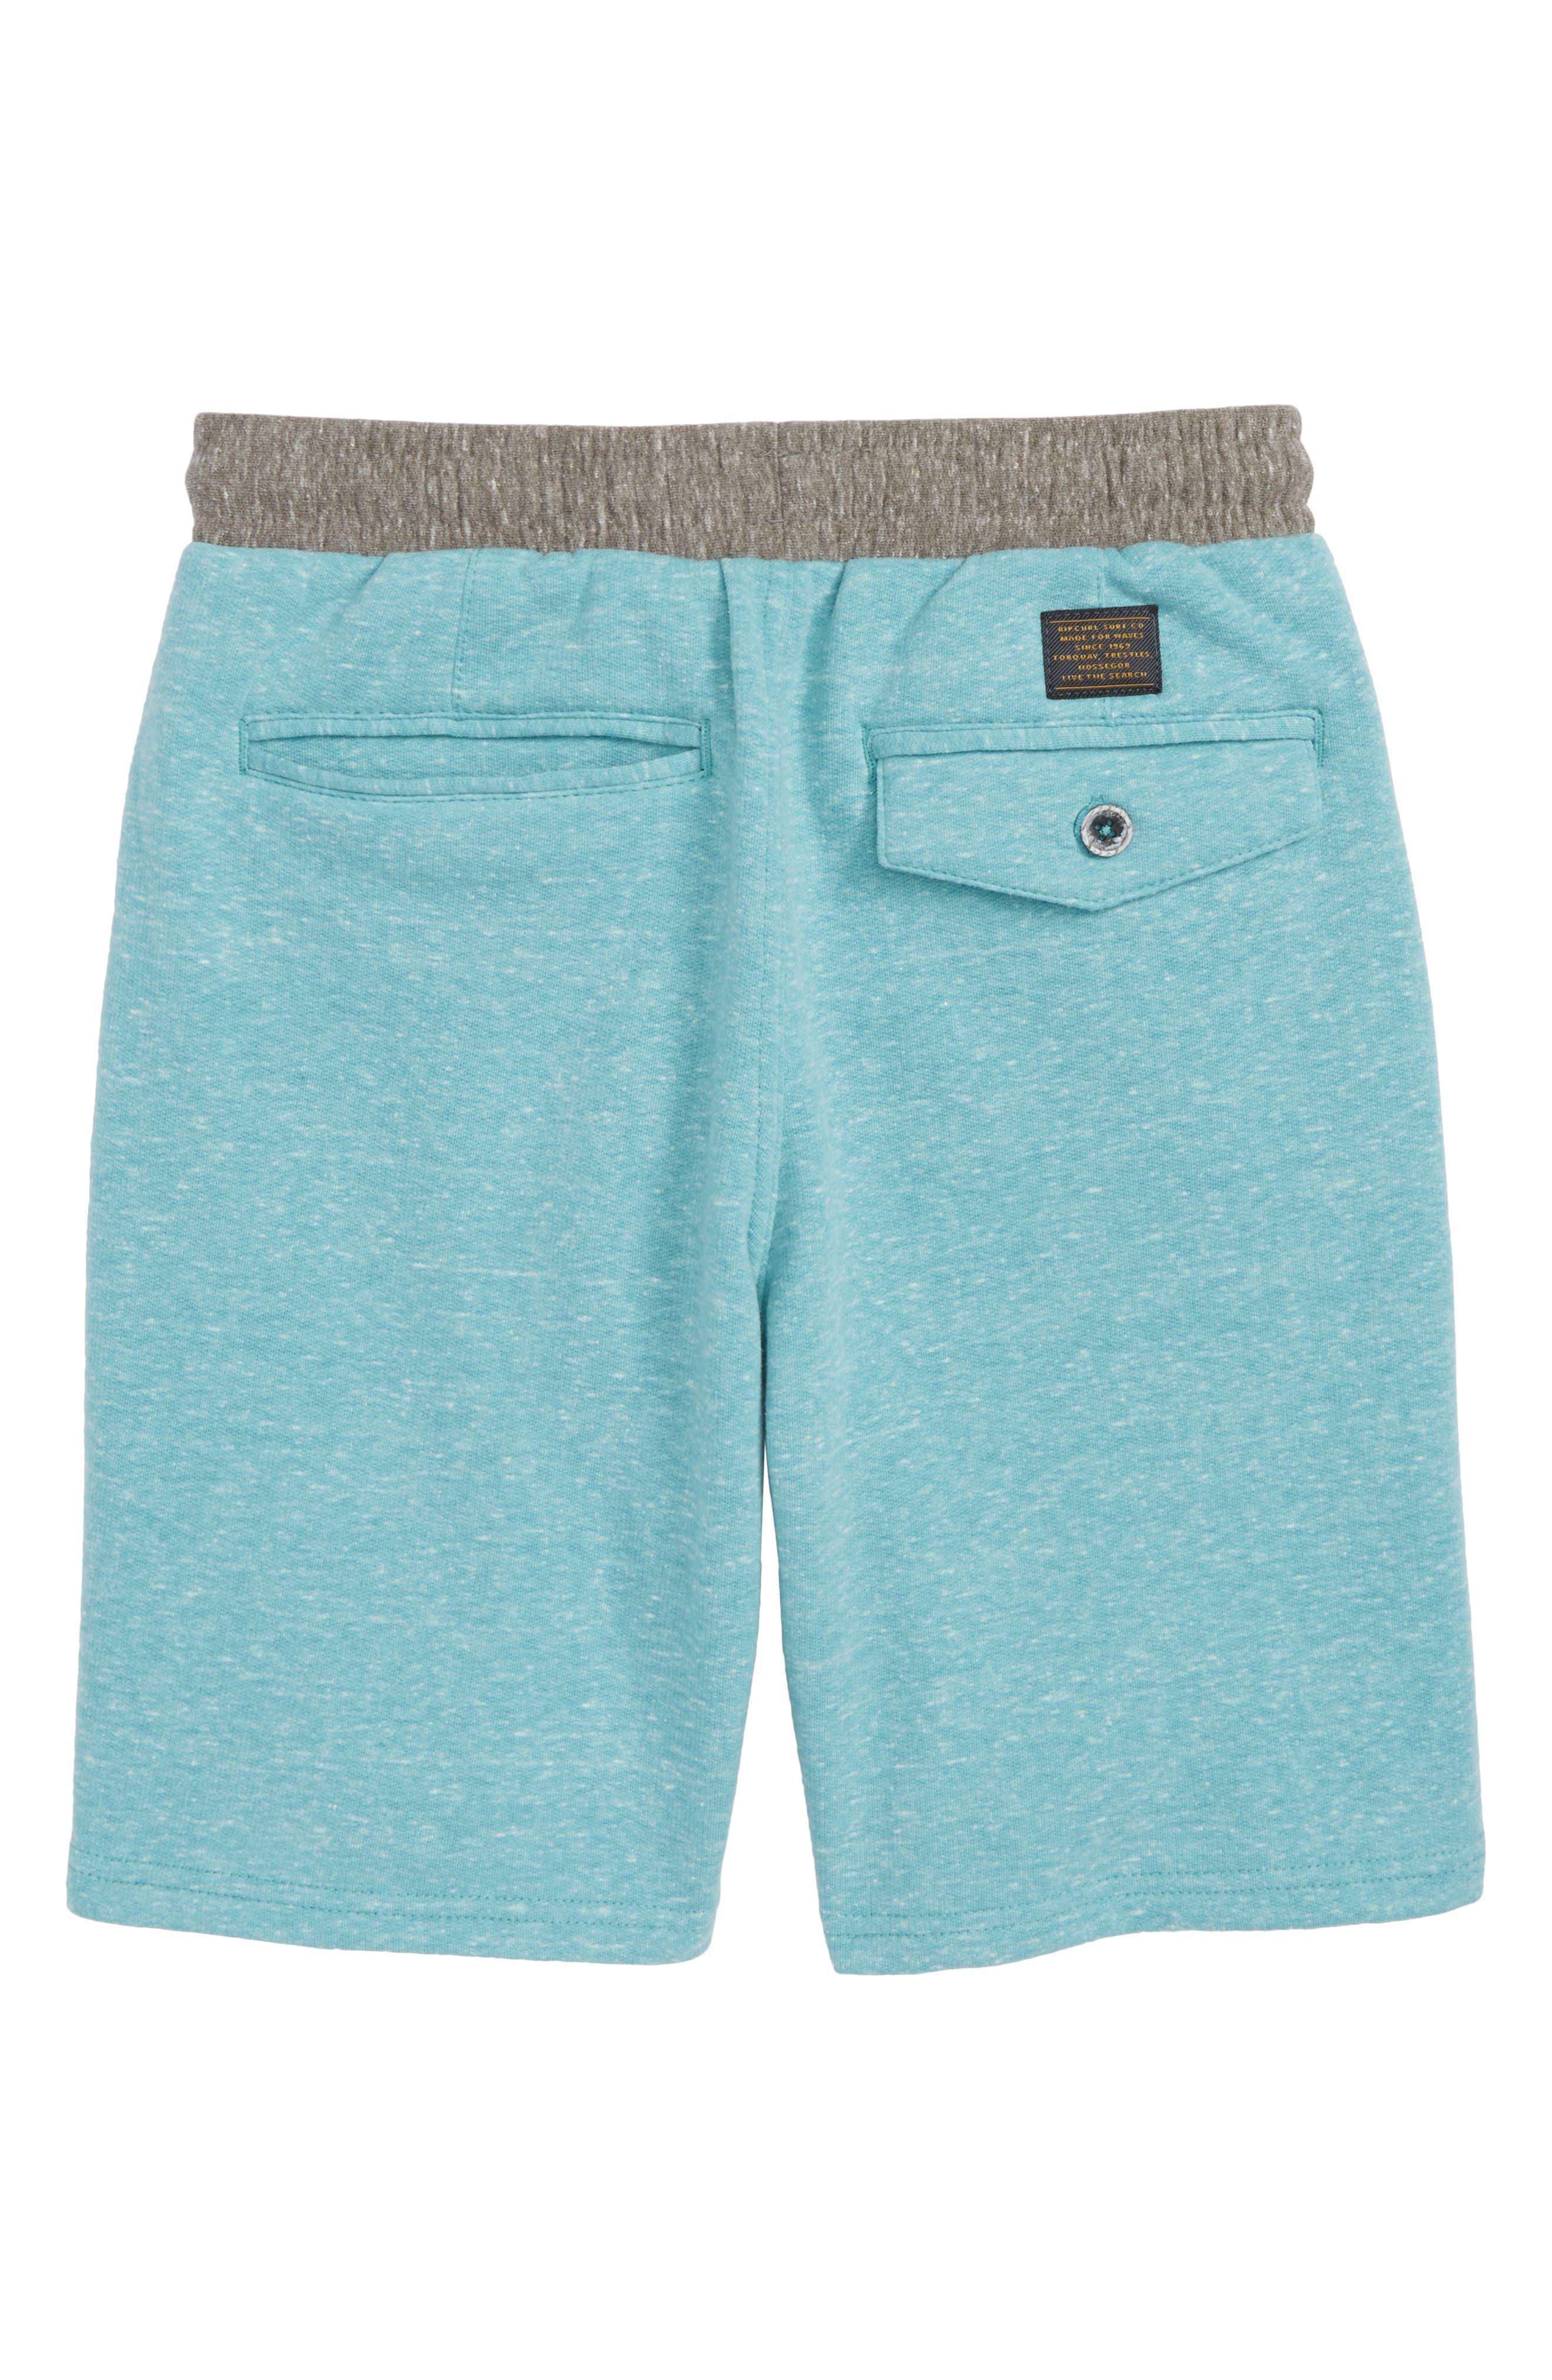 Seaside Fleece Shorts,                             Alternate thumbnail 2, color,                             Teal